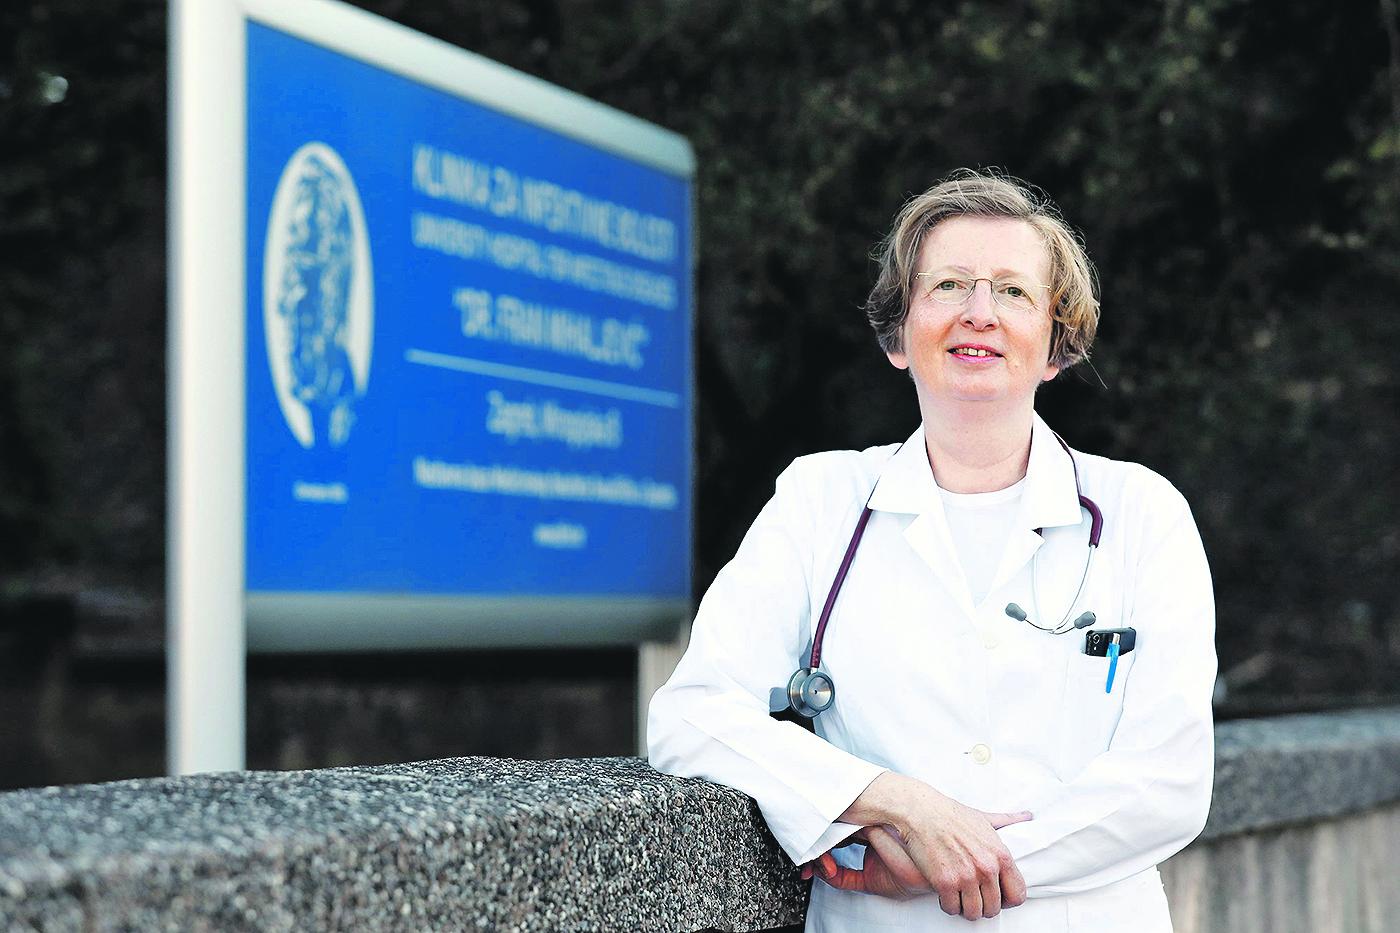 Zagreb, 200220. Klinika za infektivne bolesti Dr Fran Mihaljevic,  Mirogojska 8. Na fotografiji: dr Alenka Markotic - ravnateljica. Foto: Tomislav Kristo / CROPIX